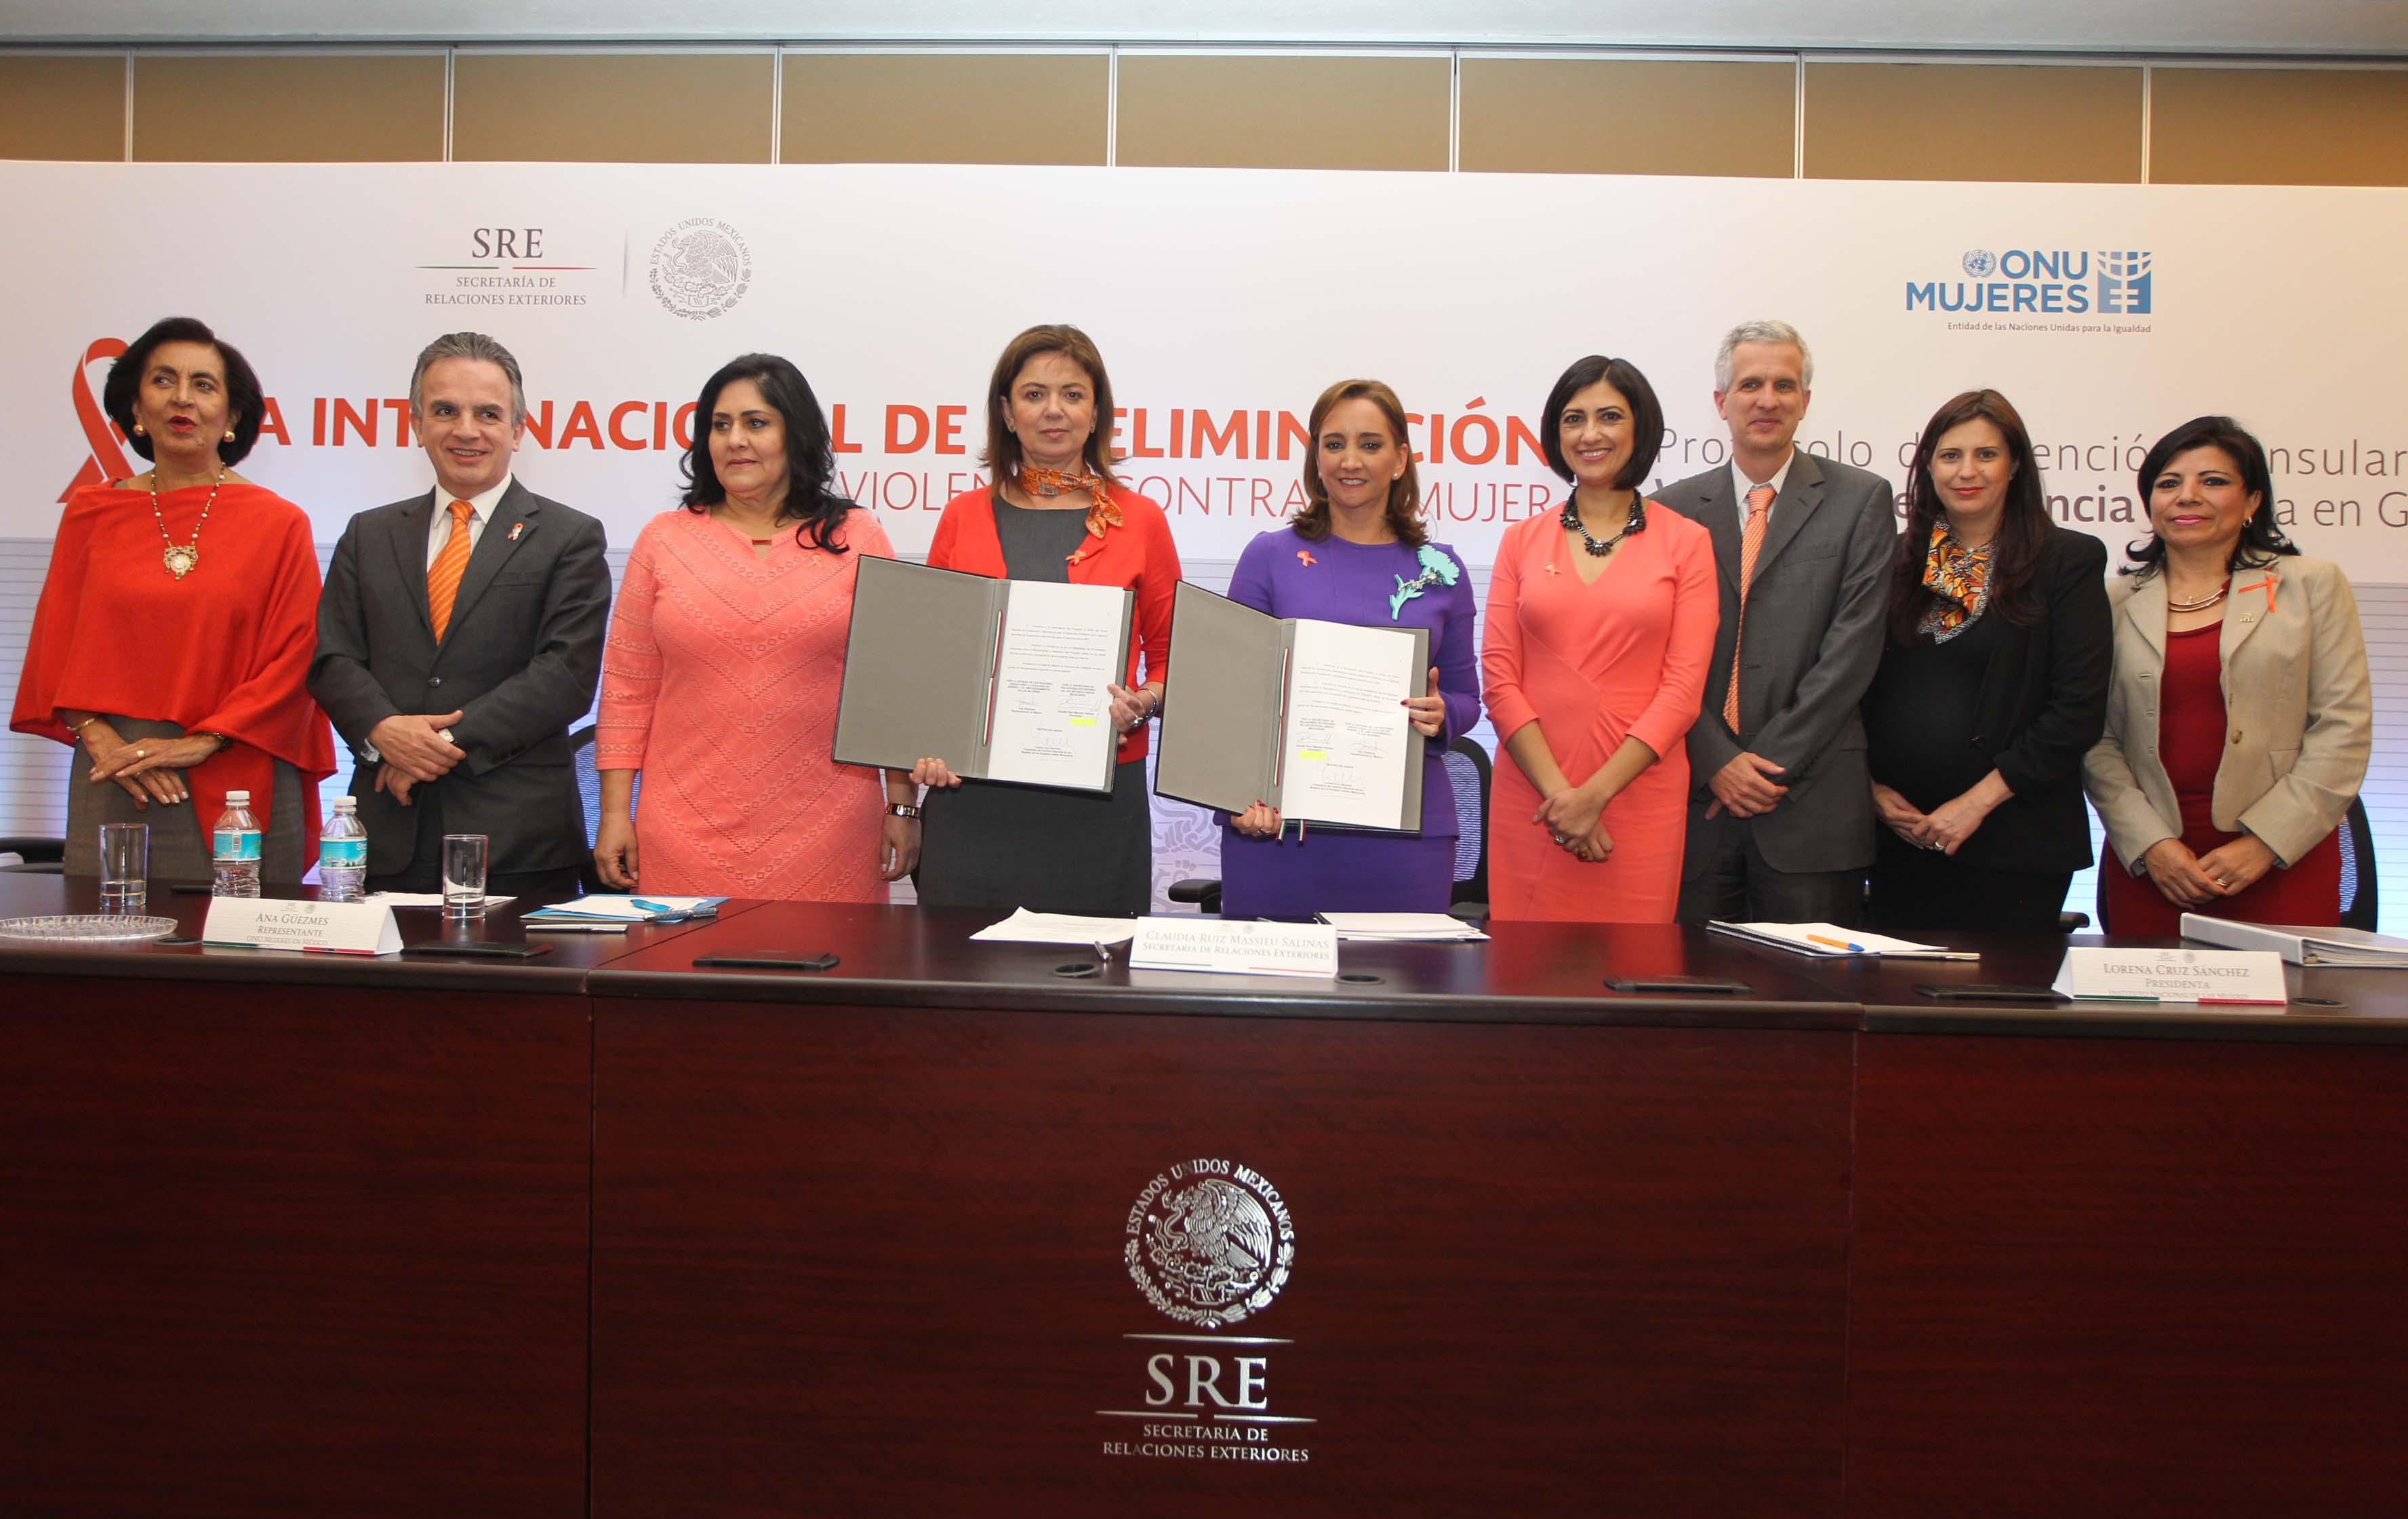 FOTO 1 M xico y ONU Mujeres refrendan su colaboraci n para eliminar la violencia de g nerojpg